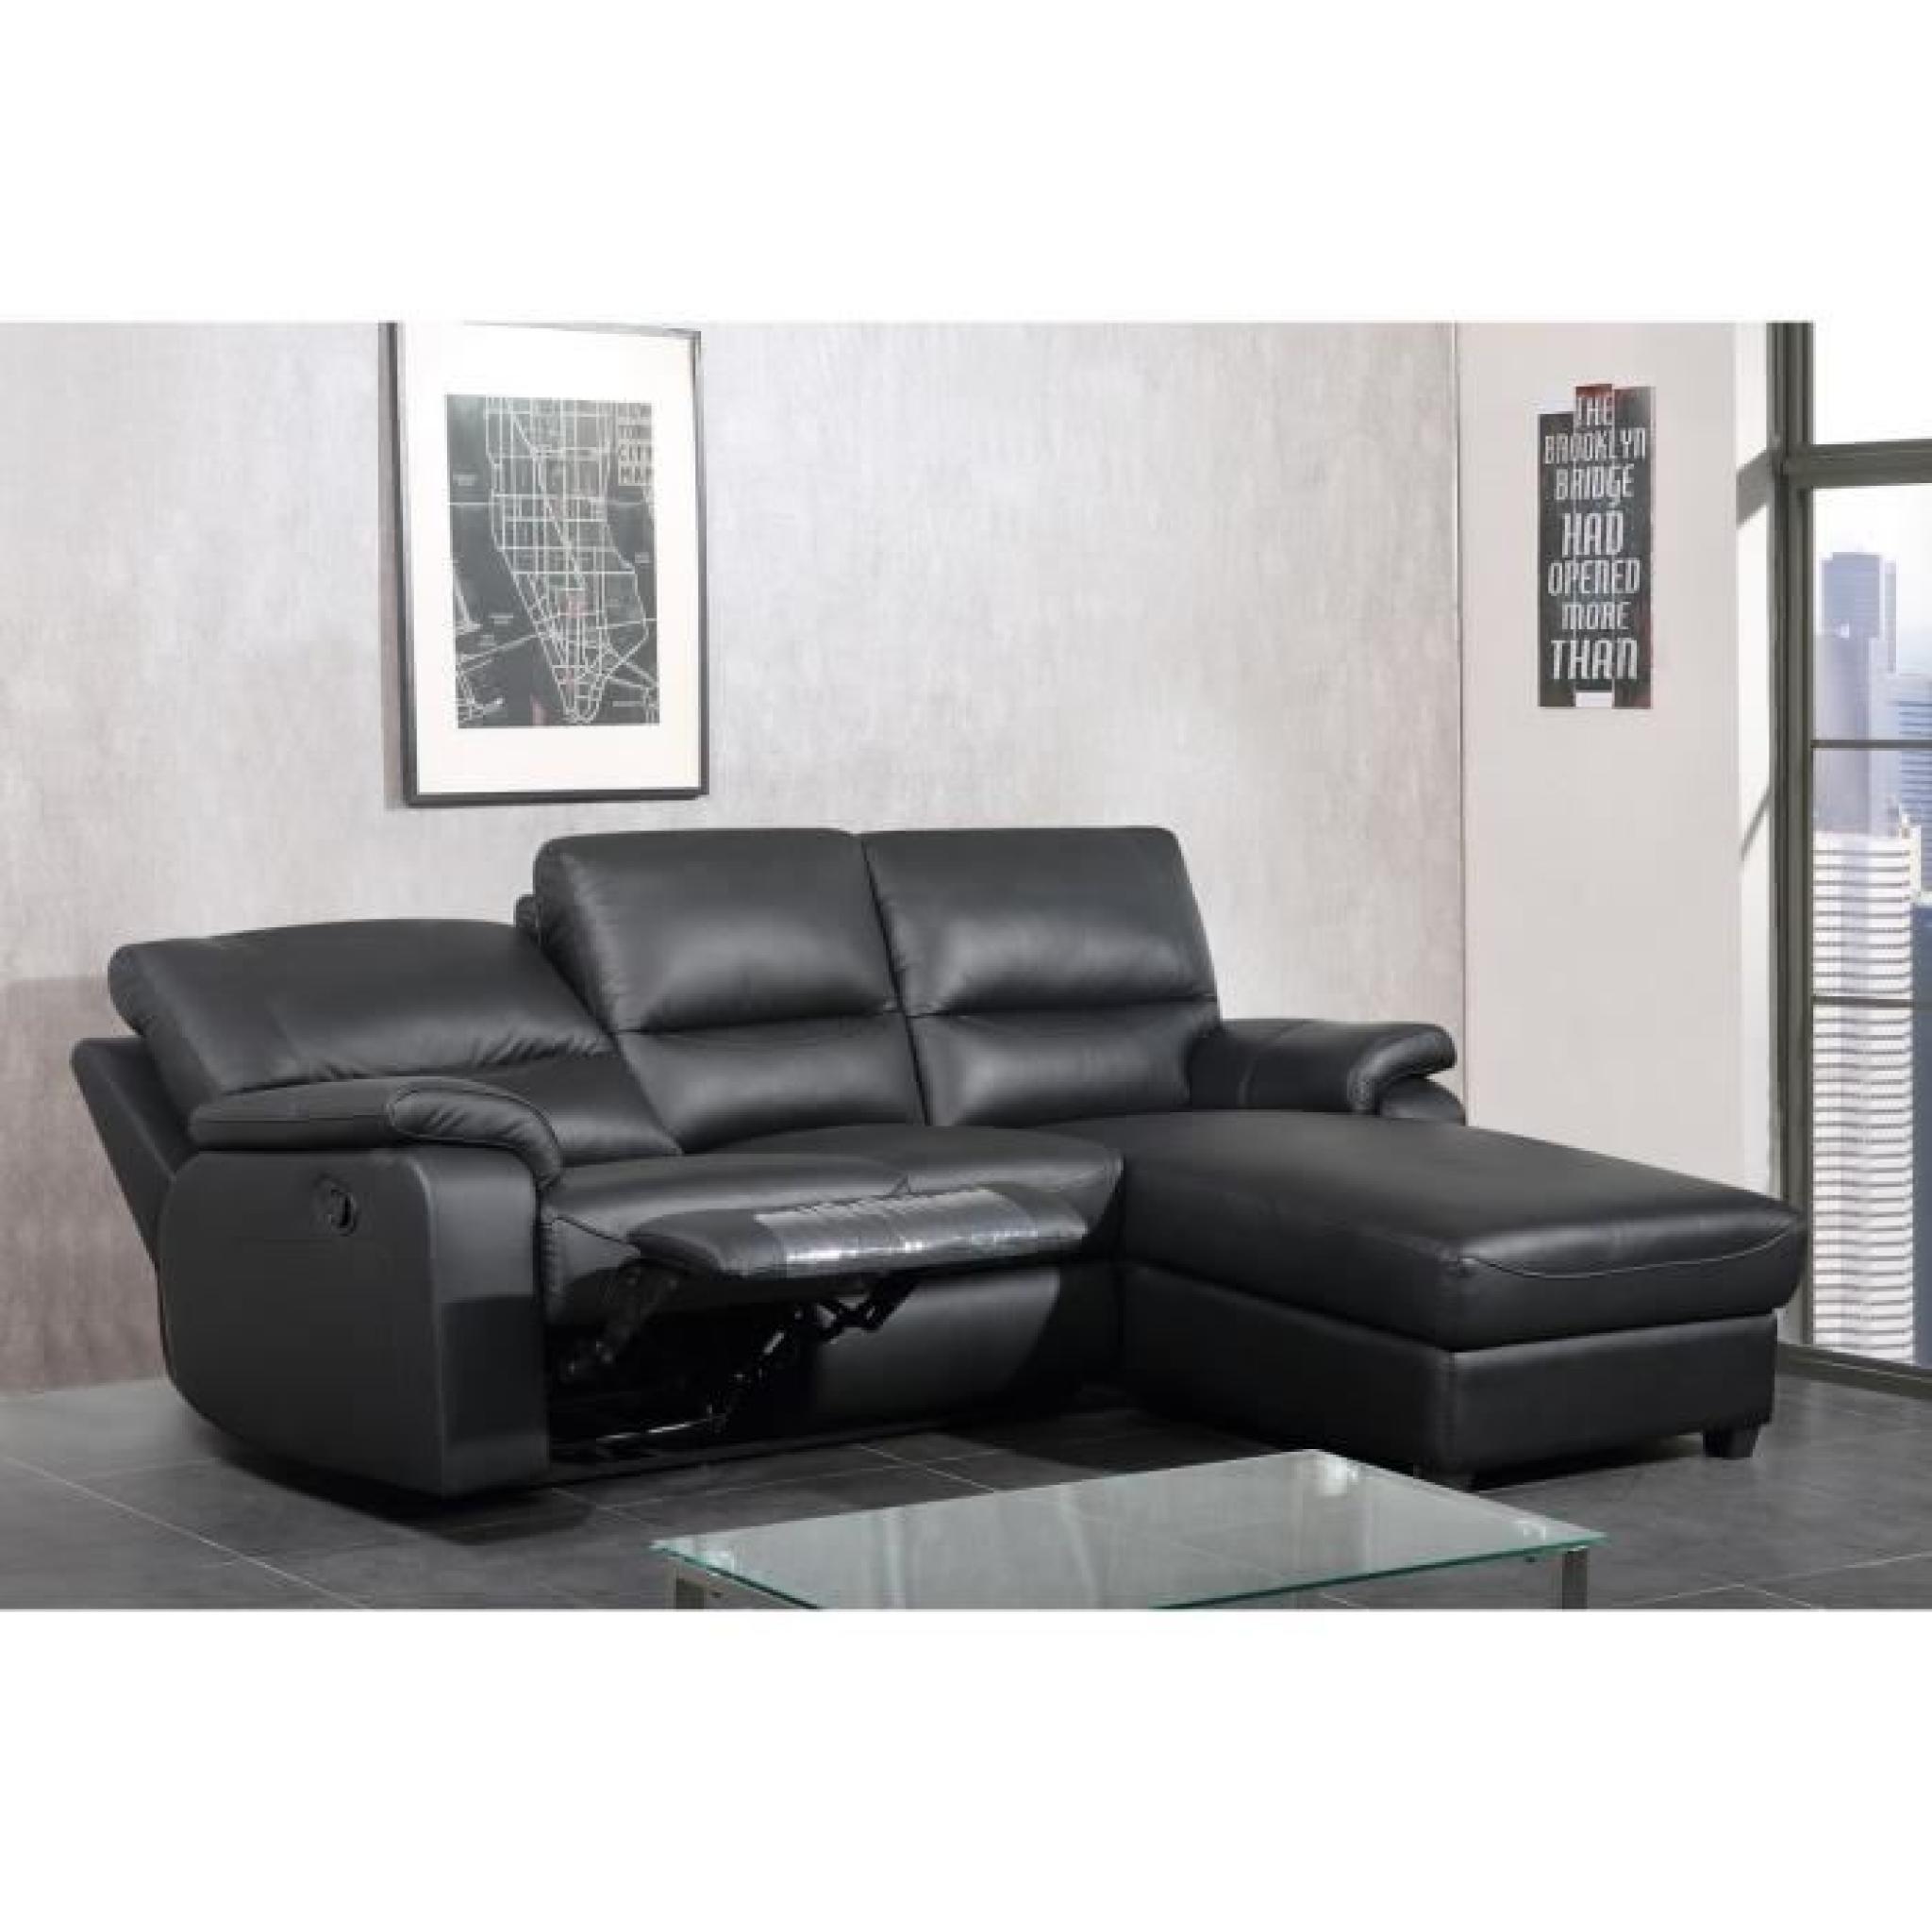 canap d angle rouge et noir meilleur de photographie. Black Bedroom Furniture Sets. Home Design Ideas